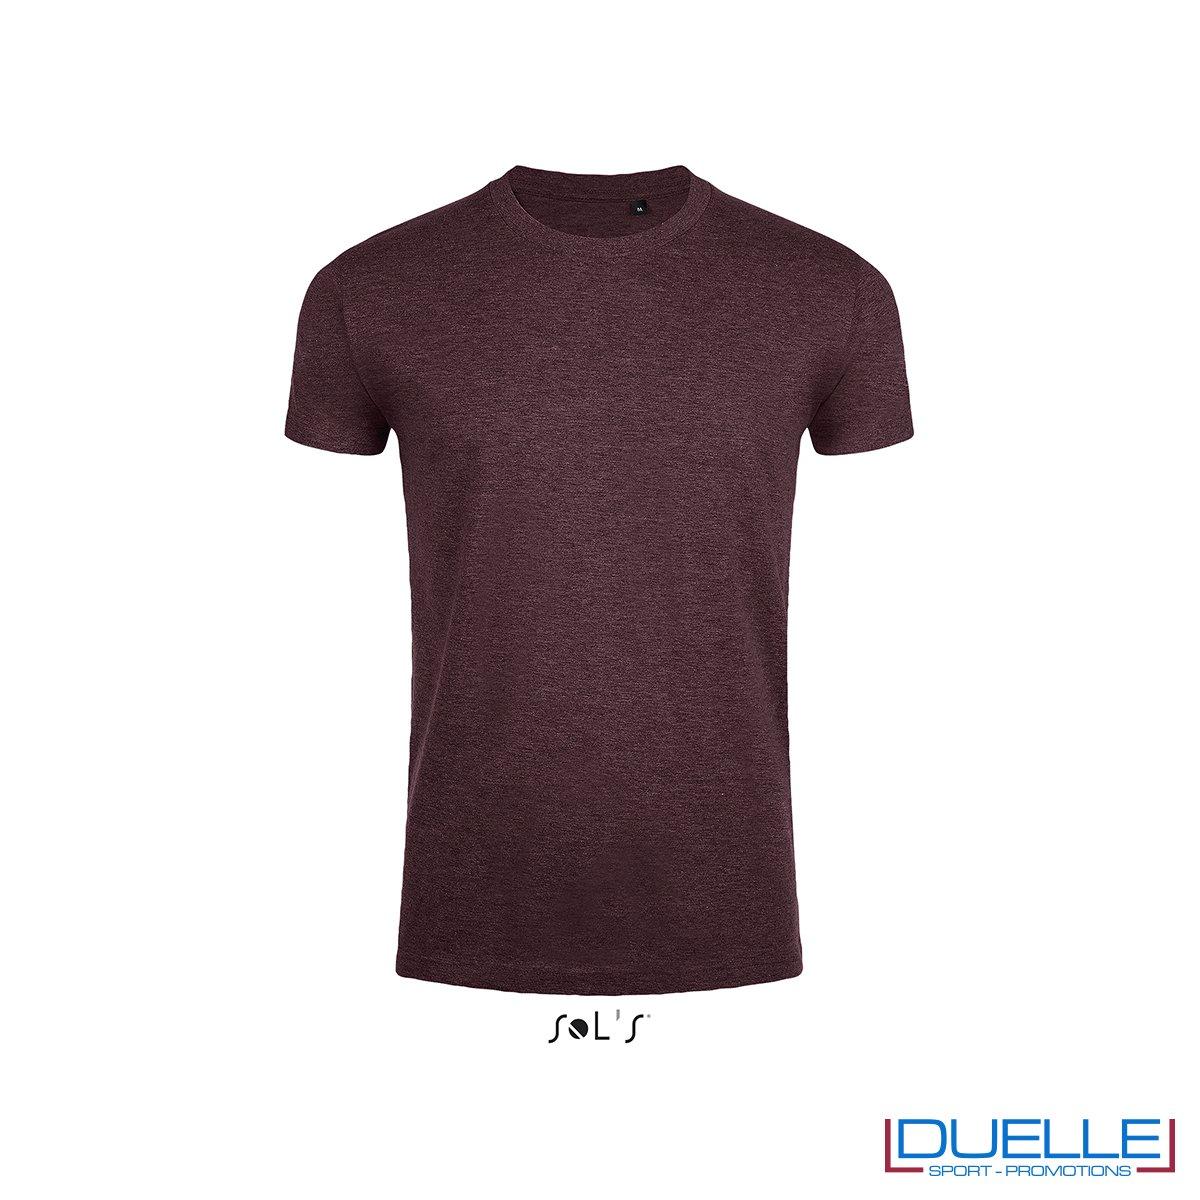 Maglietta uomo slim fit in cotone pesante colore bordeaux melange